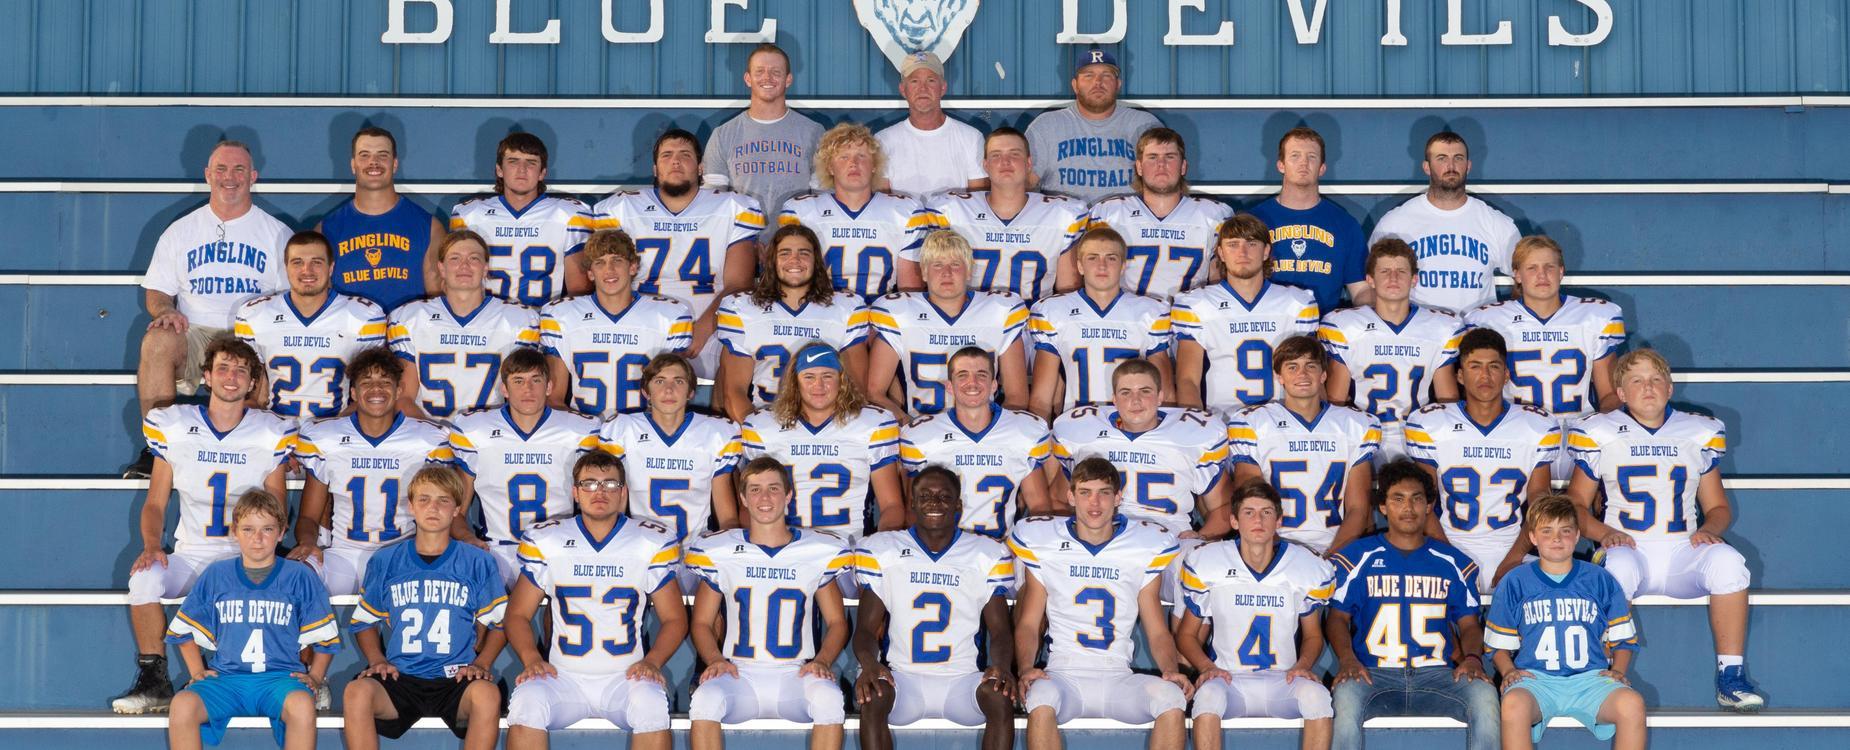 members of football team